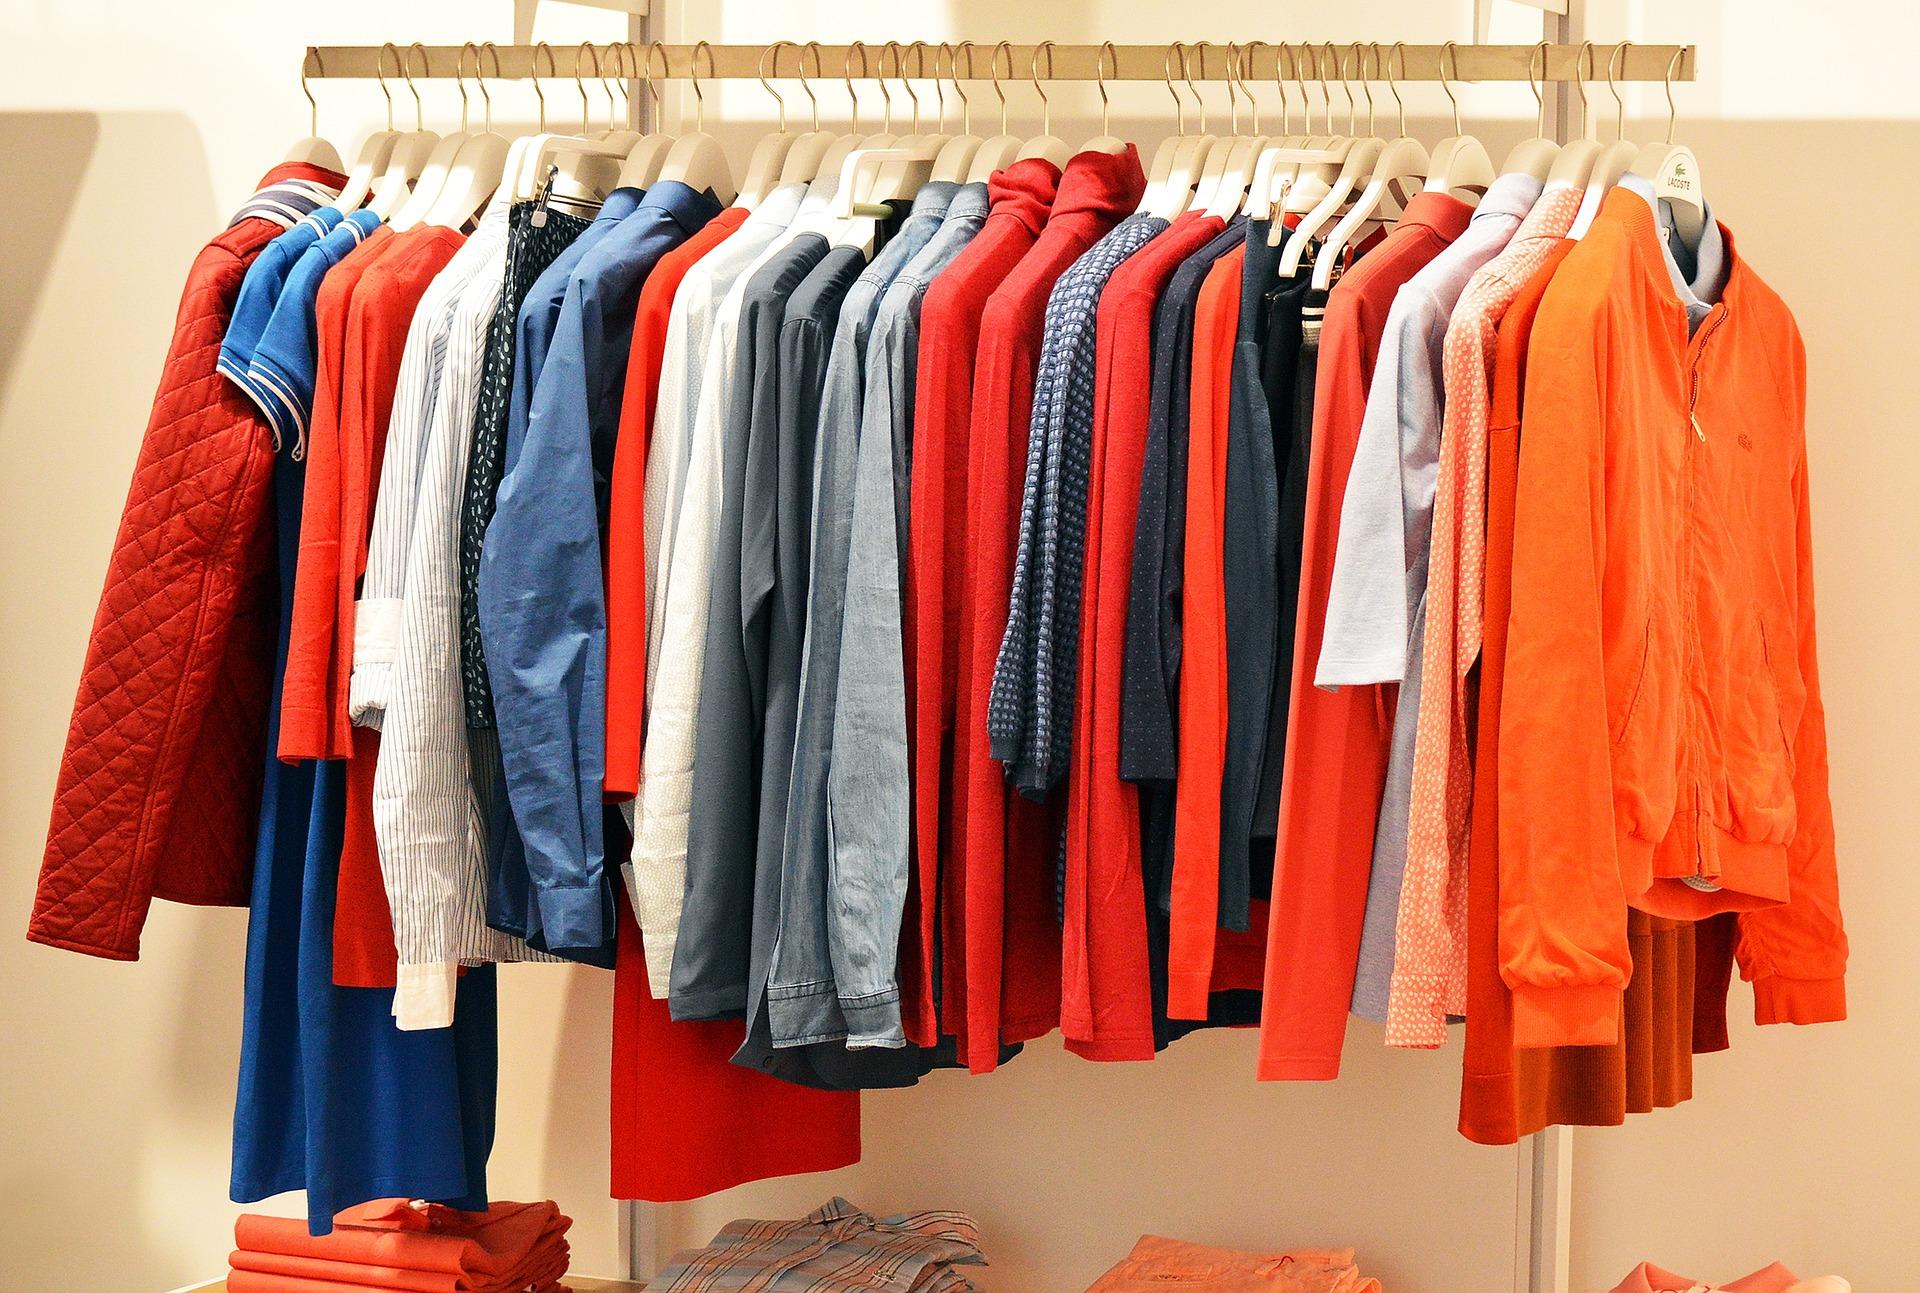 tanie sklepy z ubraniami